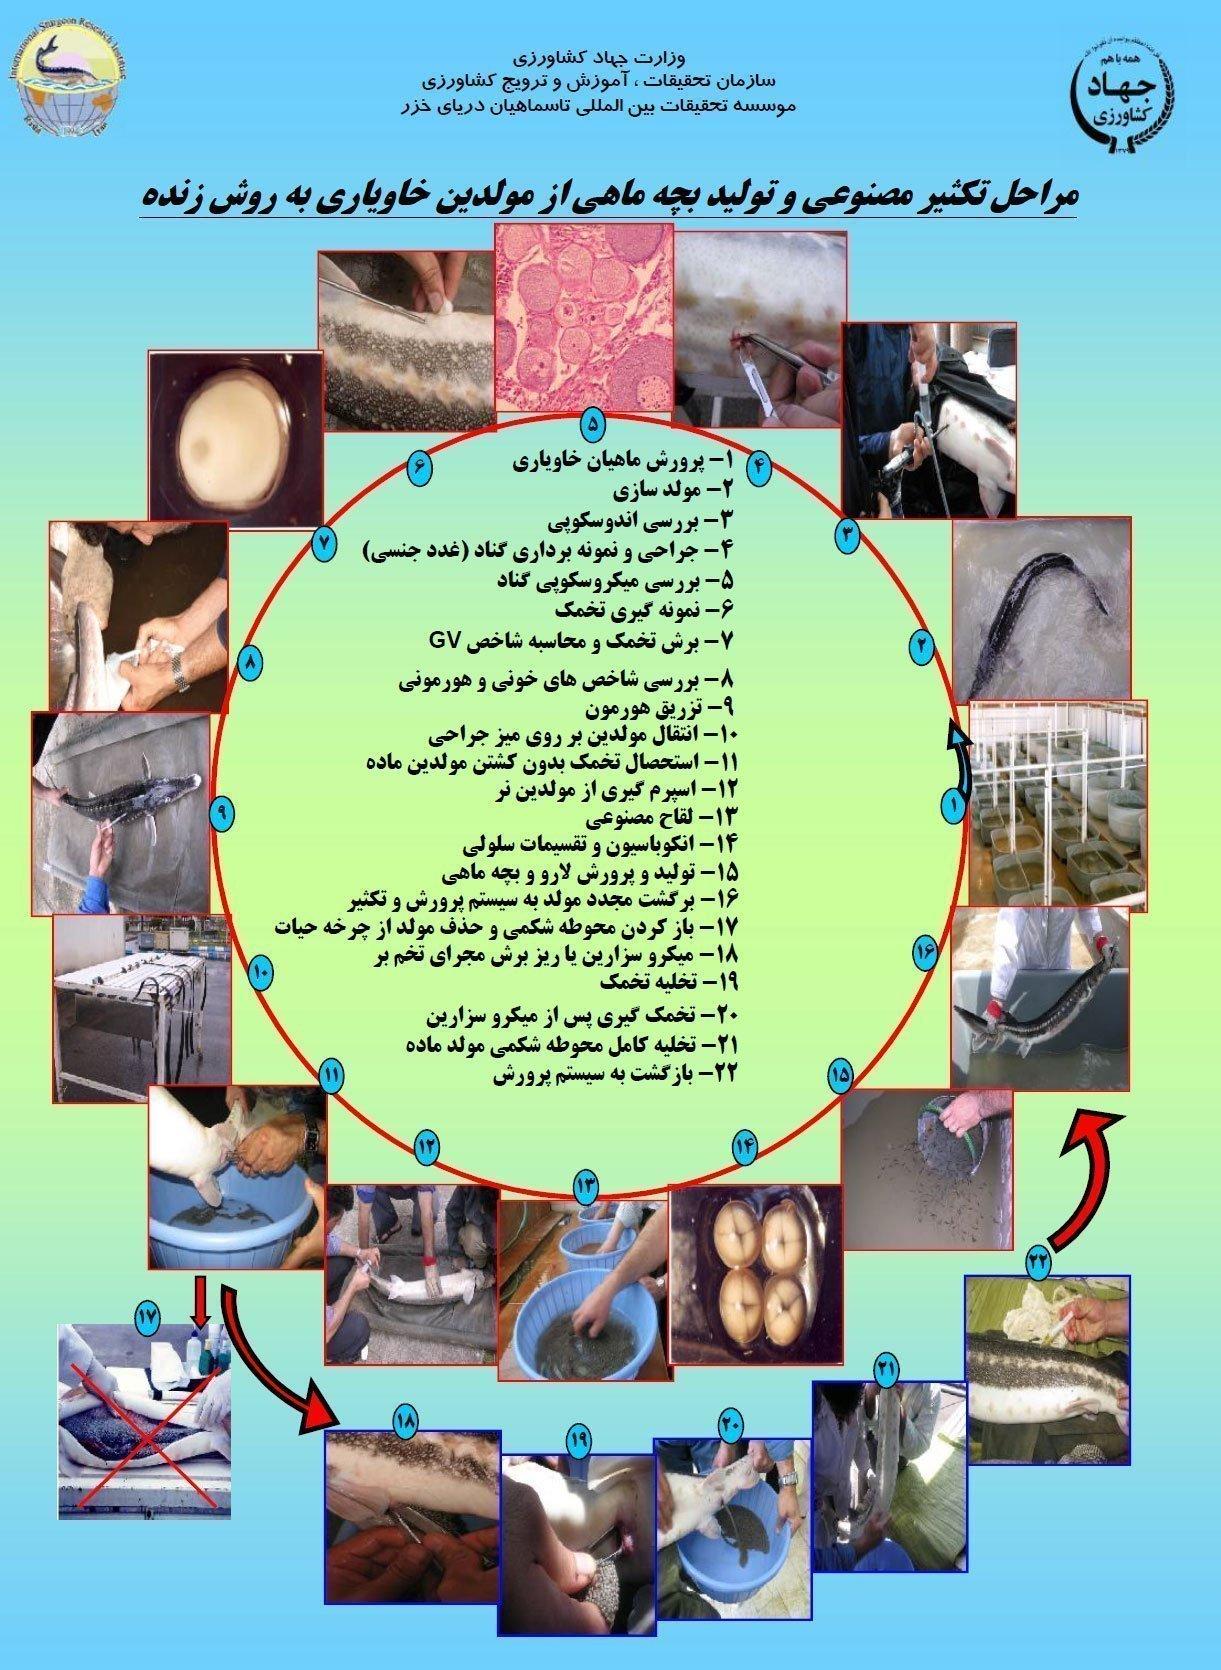 مراحل تکثیر مصنوعی و تولید بچه ماهی از مولدین خاویاری به روش زنده